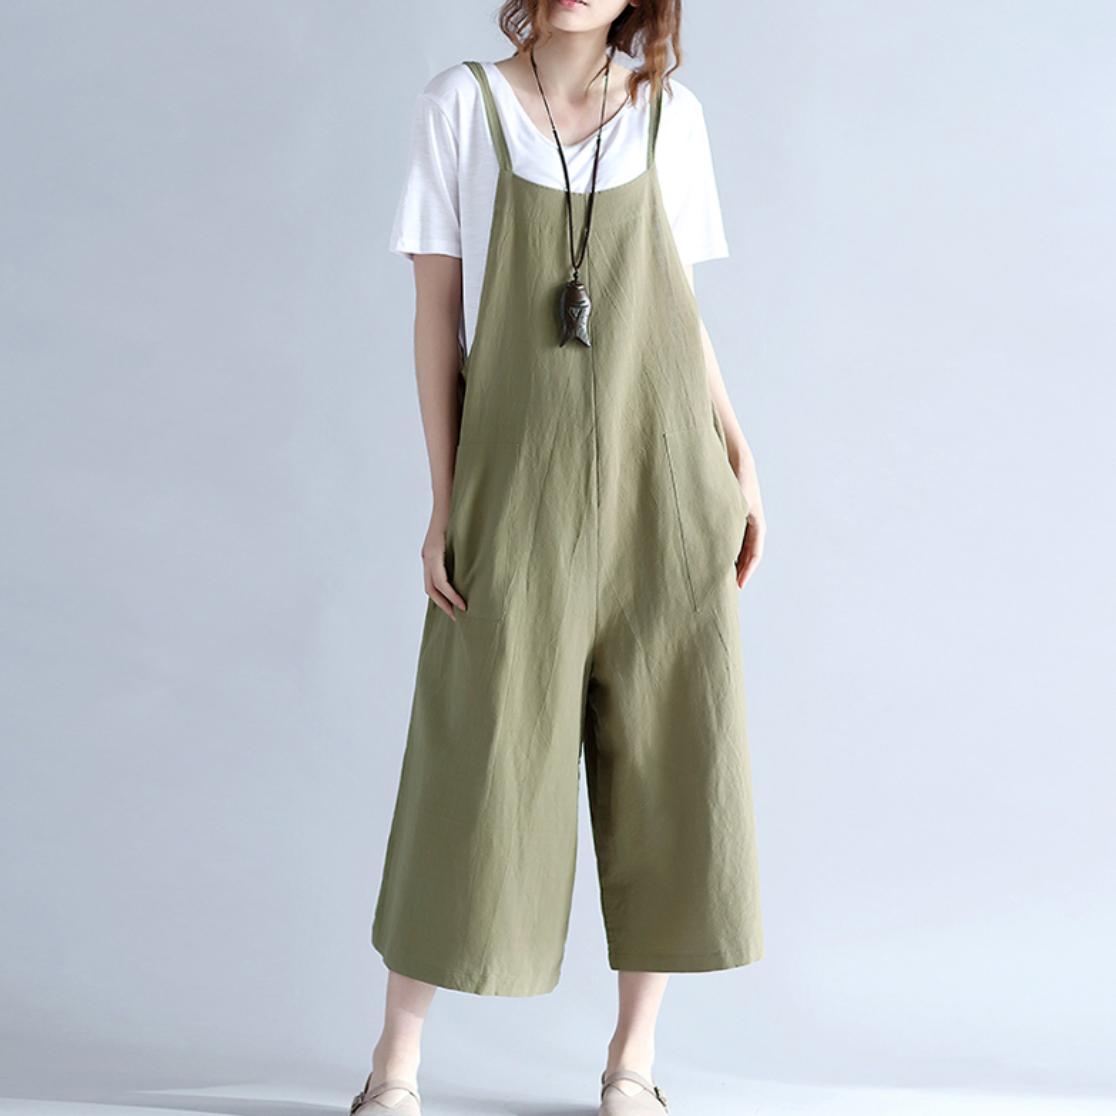 เอี๊ยมกางเกงสีเขียว (ไม่มีเสื้อตัวใน)